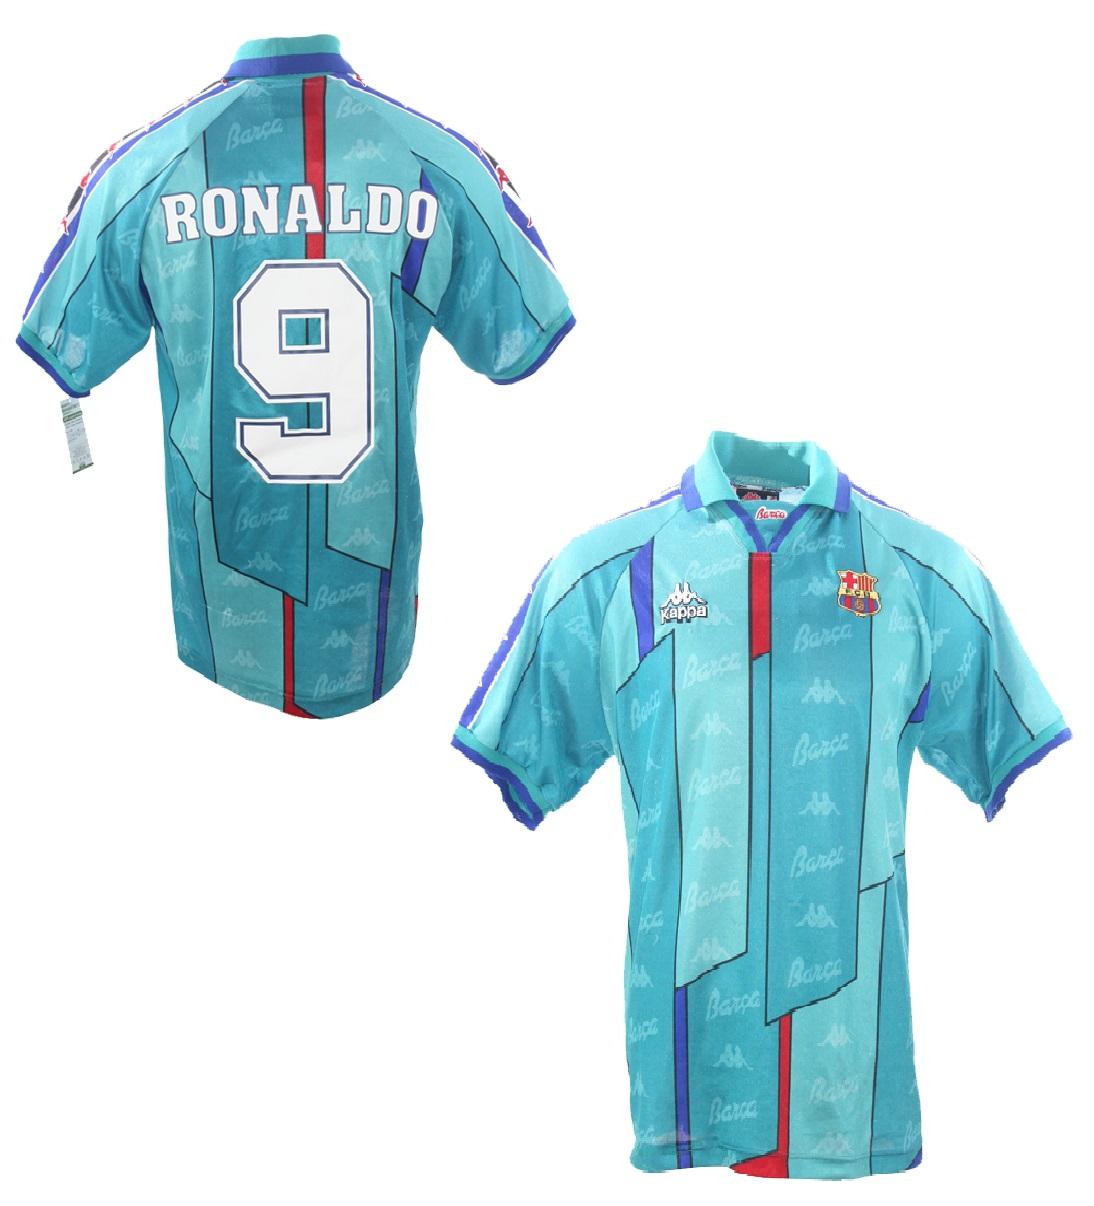 Kappa FC Barcelona Trikot 9 Ronaldo El Fenomeno 1996 97 Auswärts Herren M L  oder XL 3b22583a4